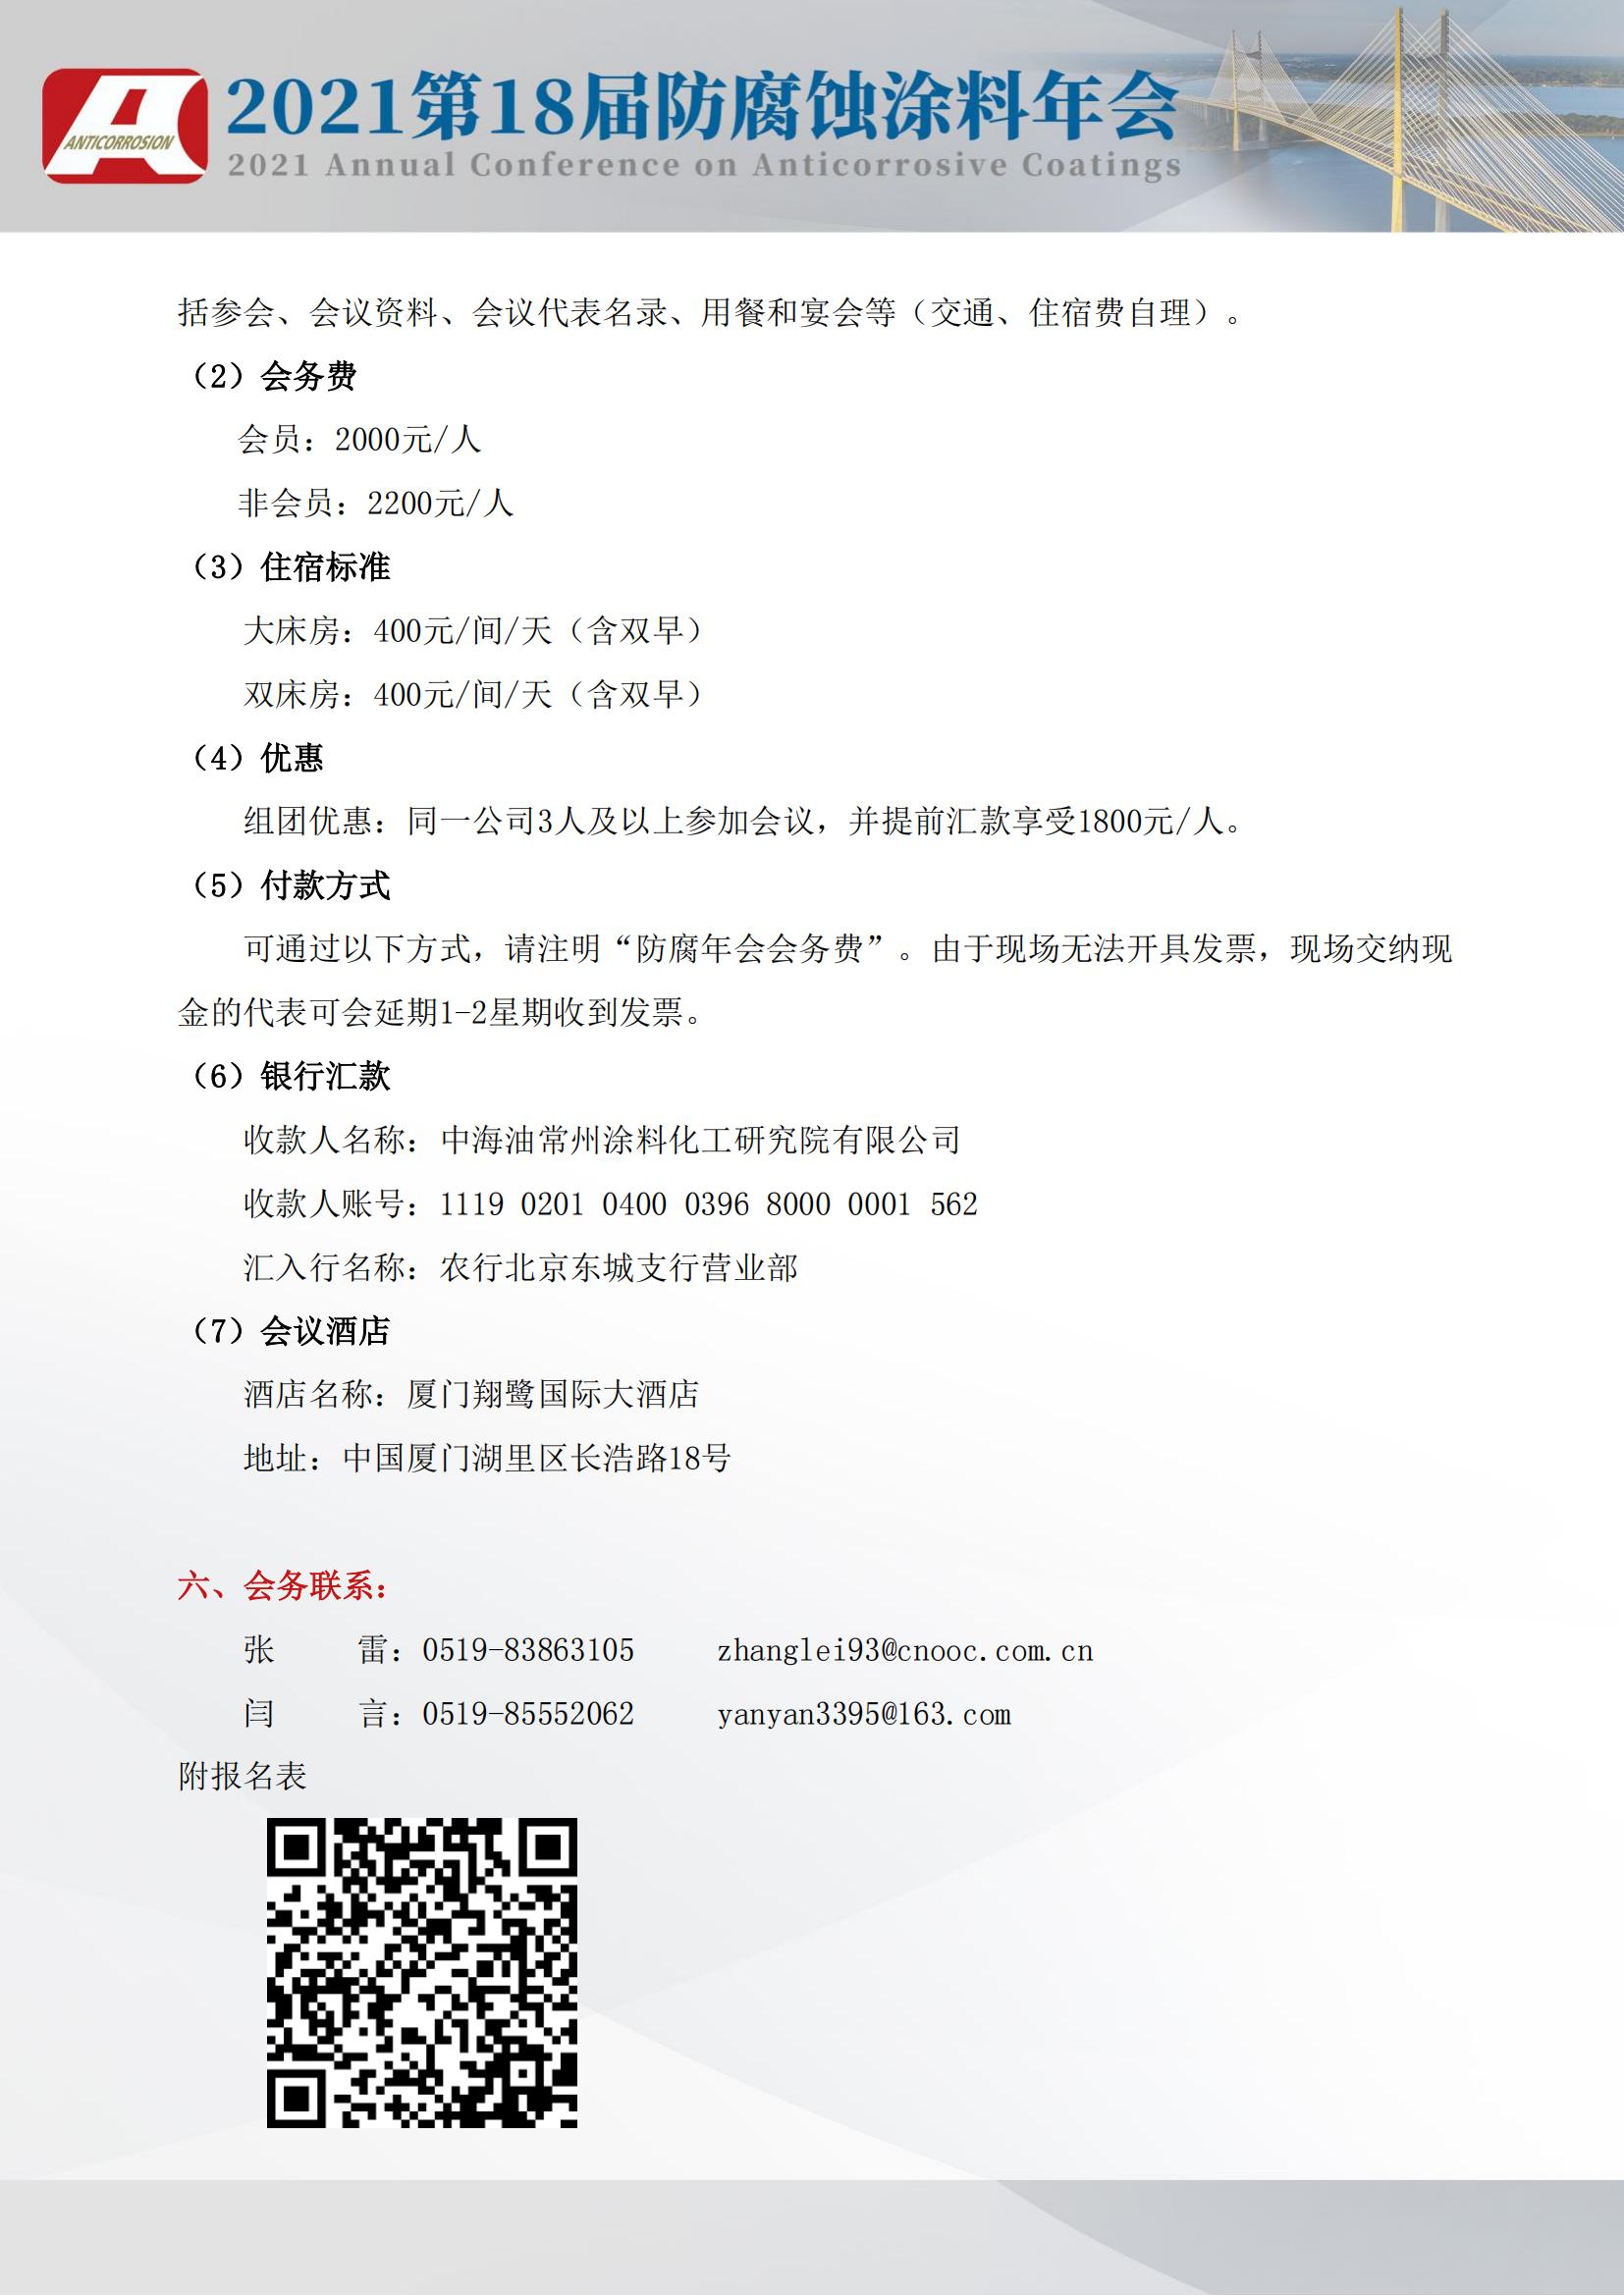 """(无章)关于召开""""2021第18届防腐蚀涂料年会""""的通知-普通版_03.png"""